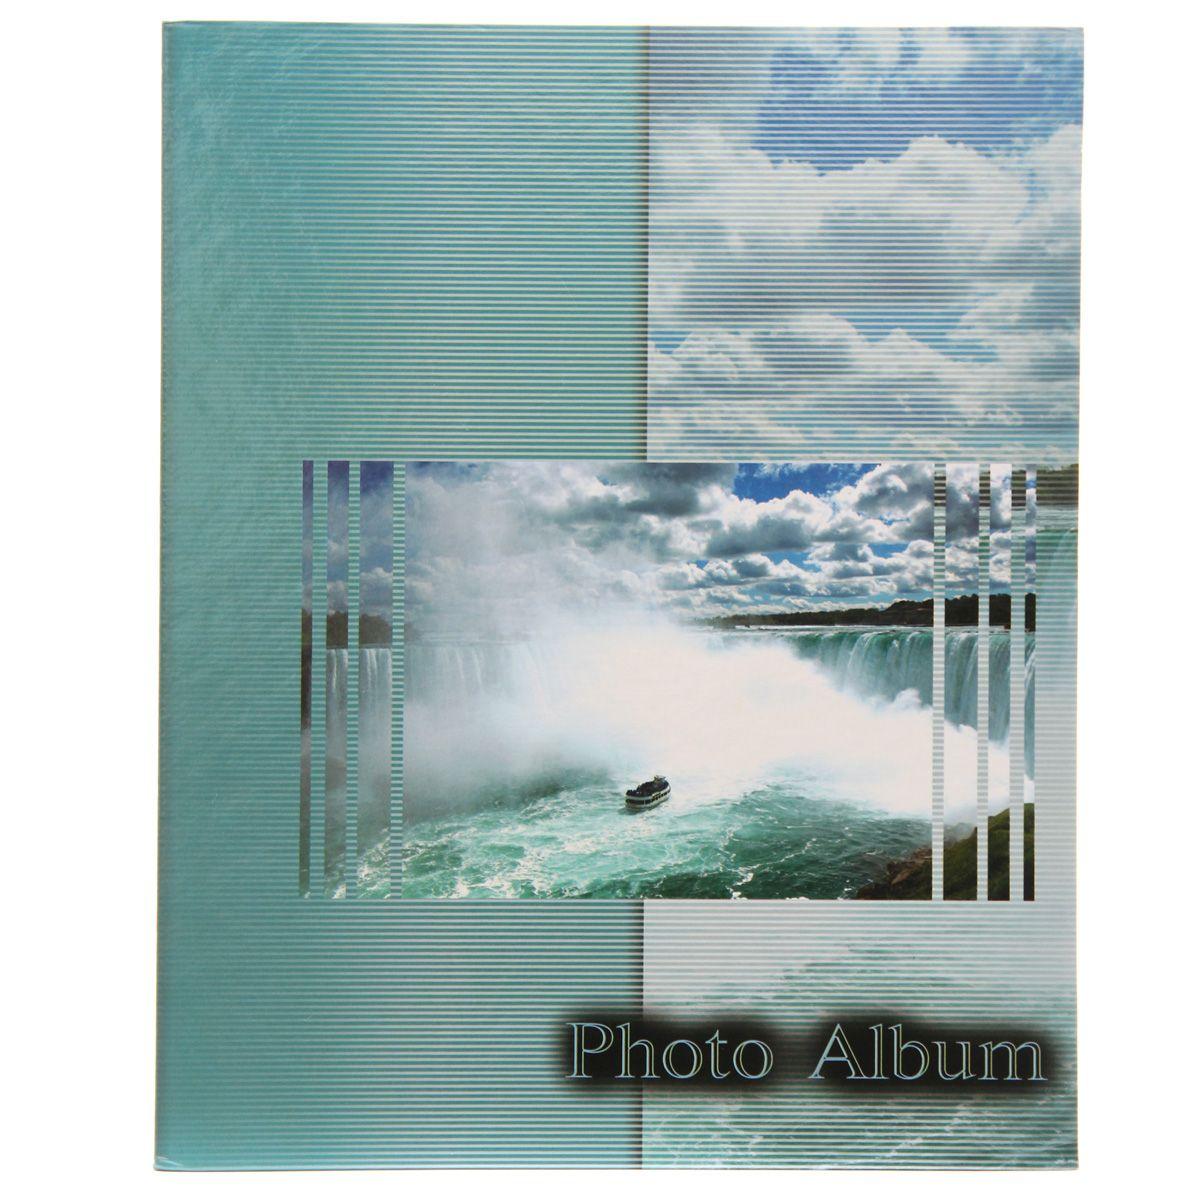 Фотоальбом Pioneer Waterfalls, 200 фотографий, цвет: голубой, 10 х 15 см46528 AV46200Альбом для фотографий формата 10х15 см. Тип обложки: картон. Тип листов: полипропиленовые. Тип переплета: термосварка. Материалы, использованные в изготовлении альбома, обеспечивают высокое качество хранения Ваших фотографий, поэтому фотографии не желтеют со временем.